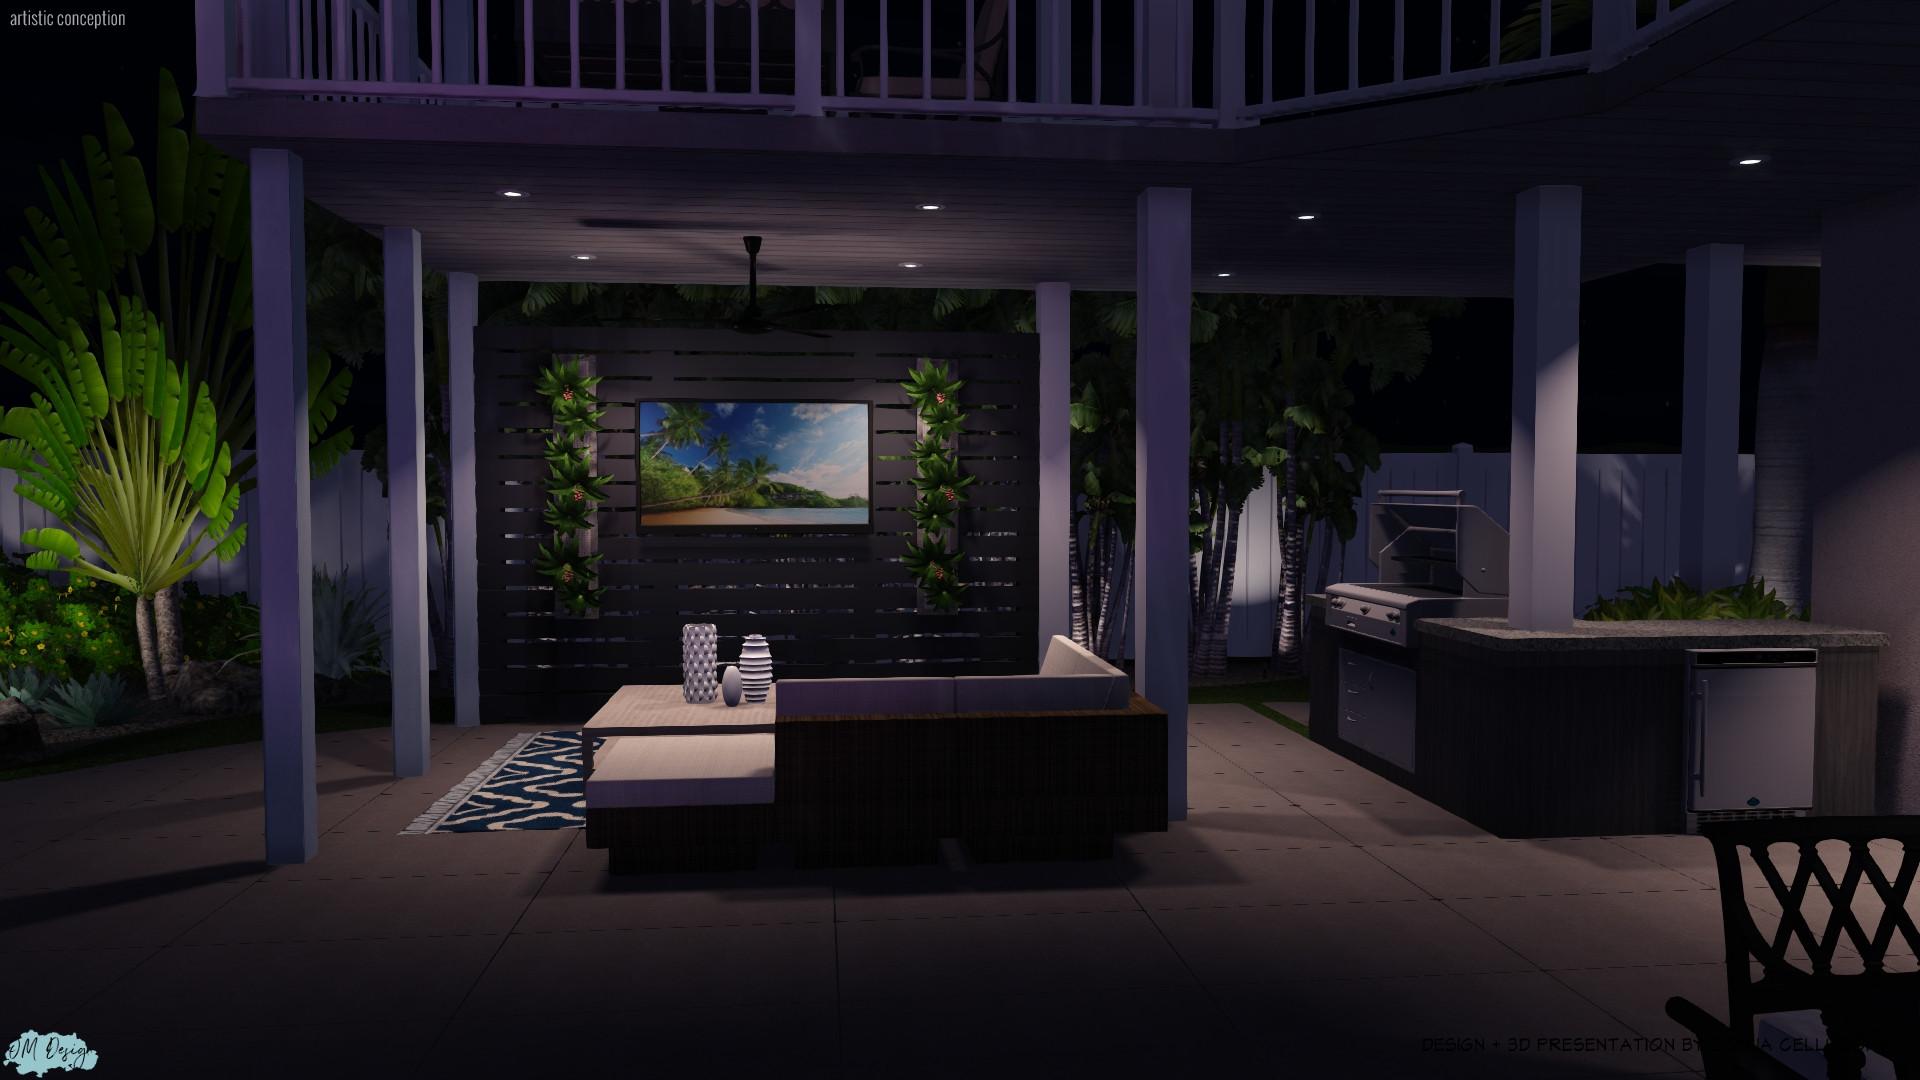 Heiler Residence night_006.jpg